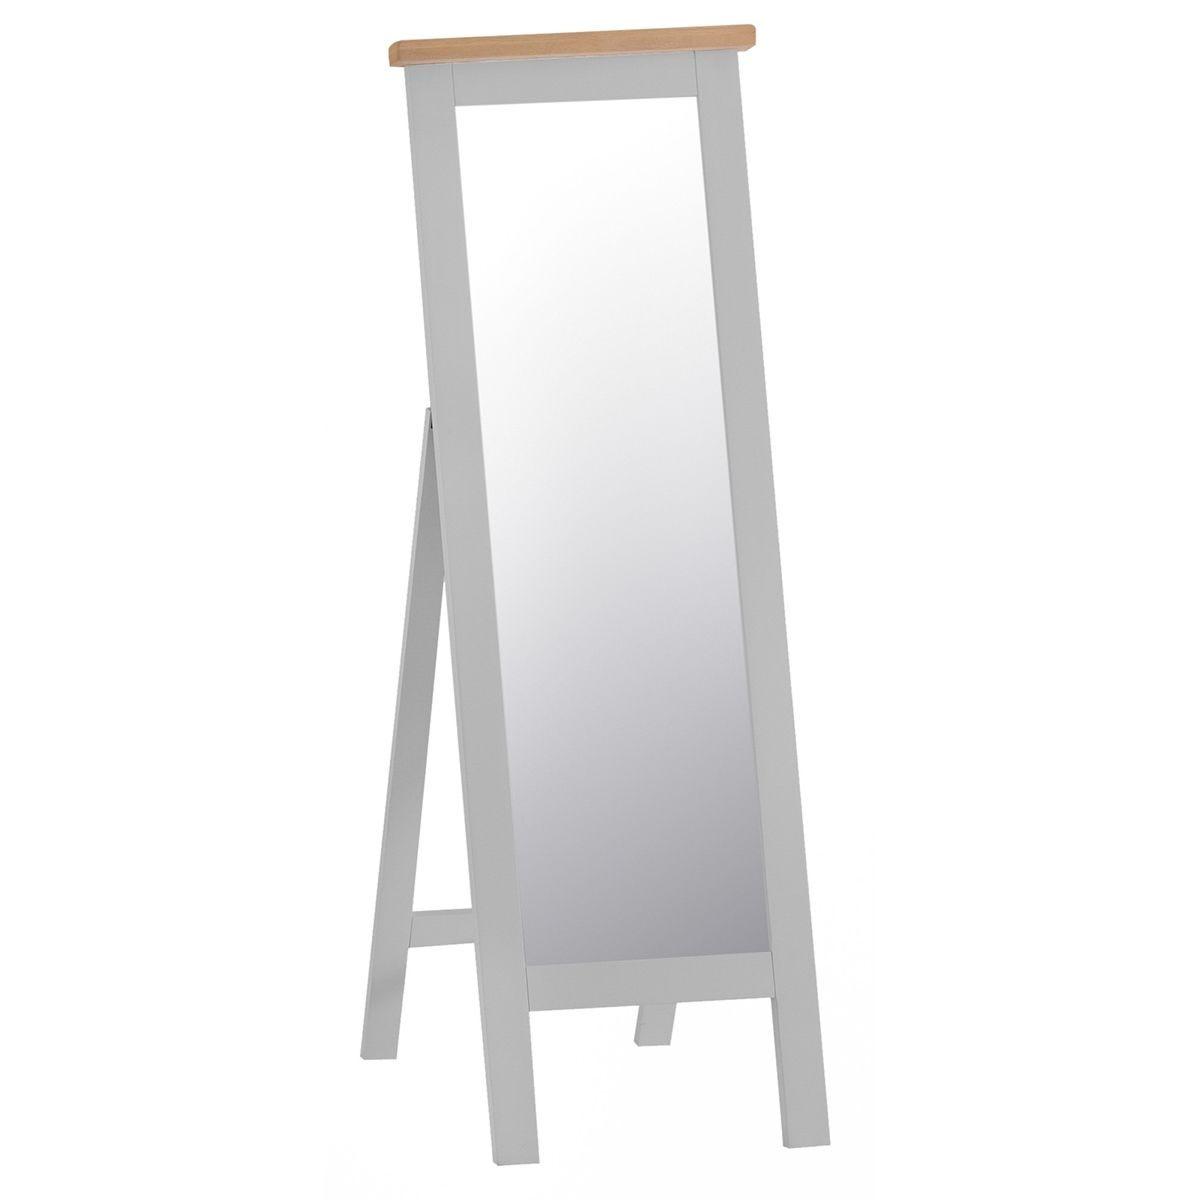 Madera Cheval Mirror - Grey